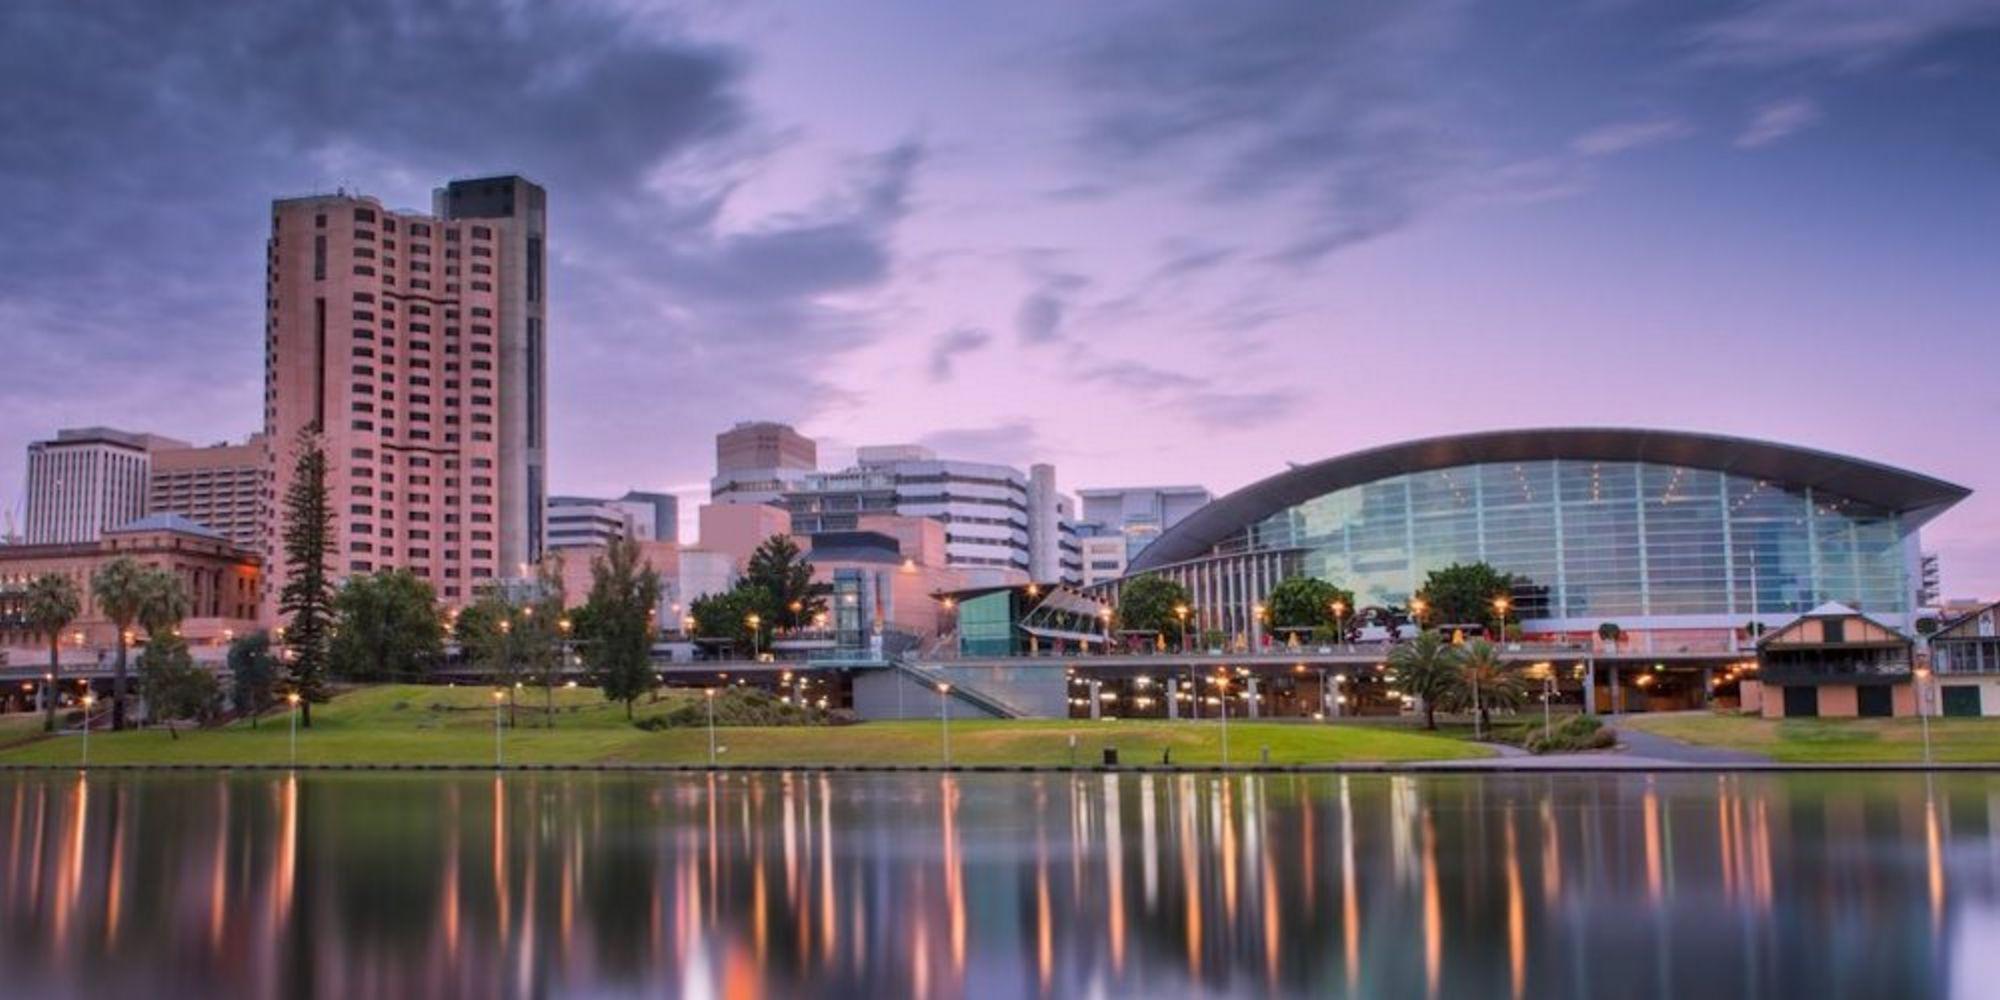 Adelaide, Australia - 2023 solar eclipse tour